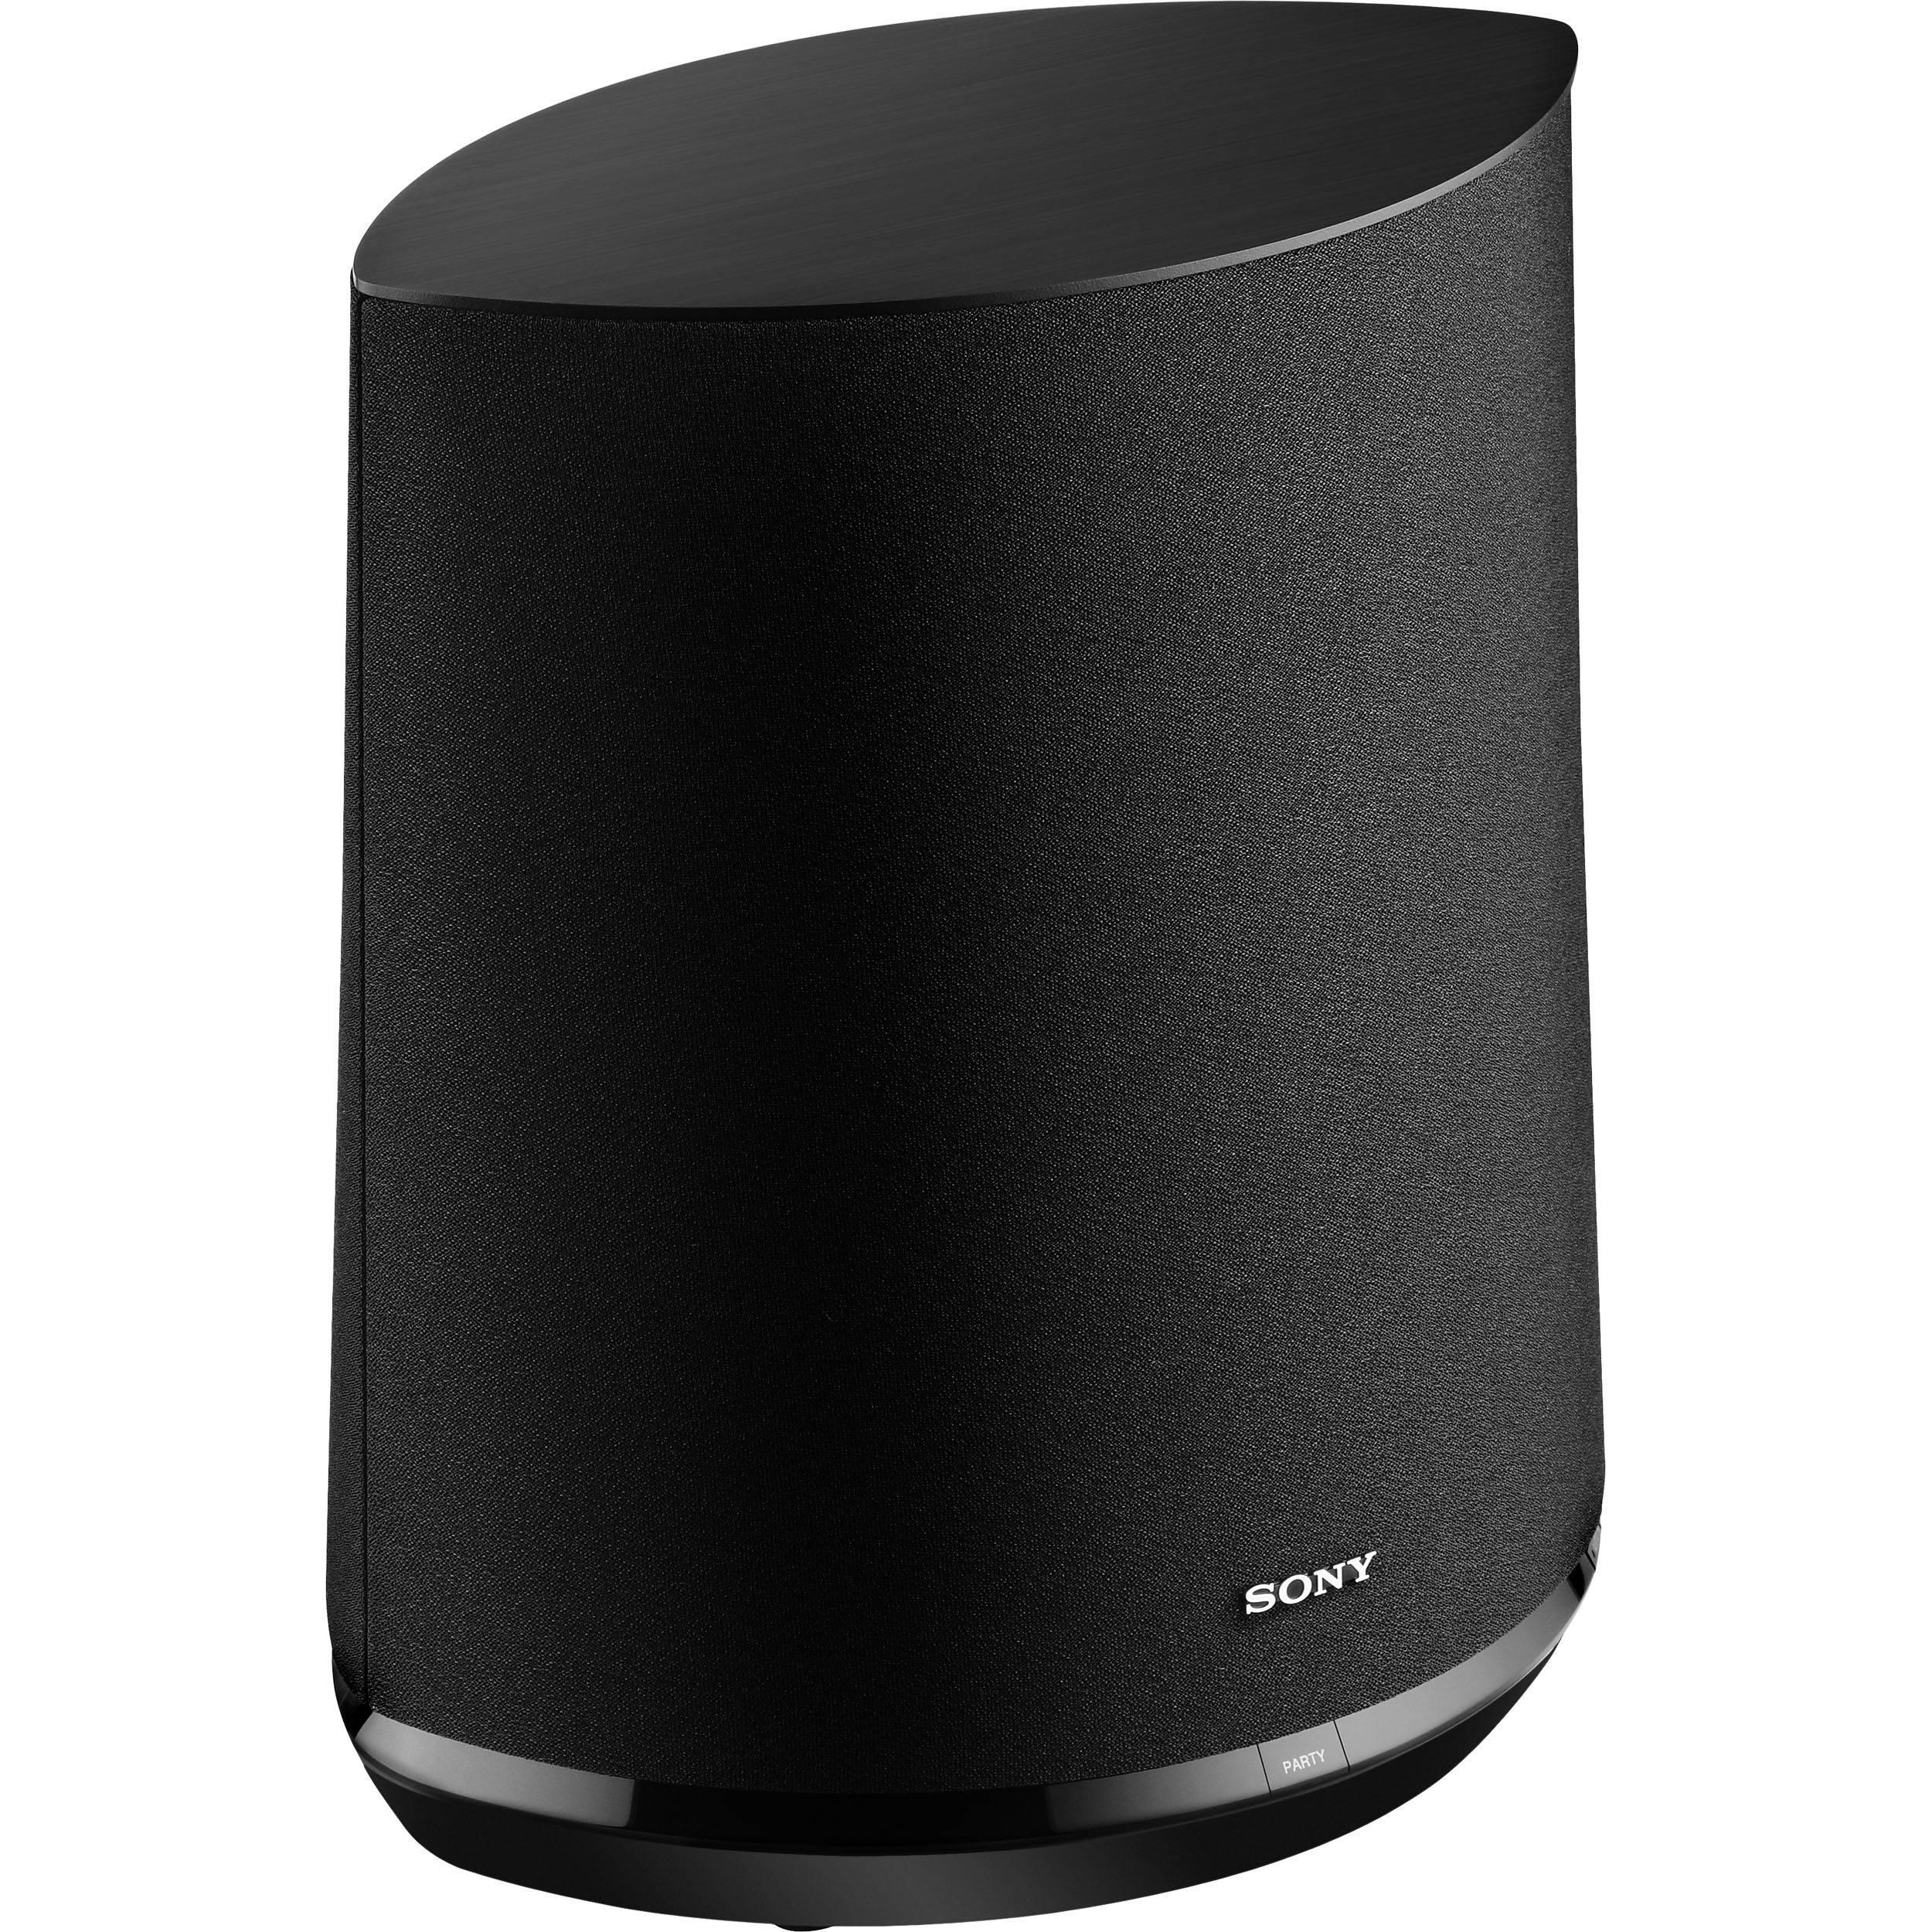 Image of SA-NS400 HomeShare Network Speaker - Black